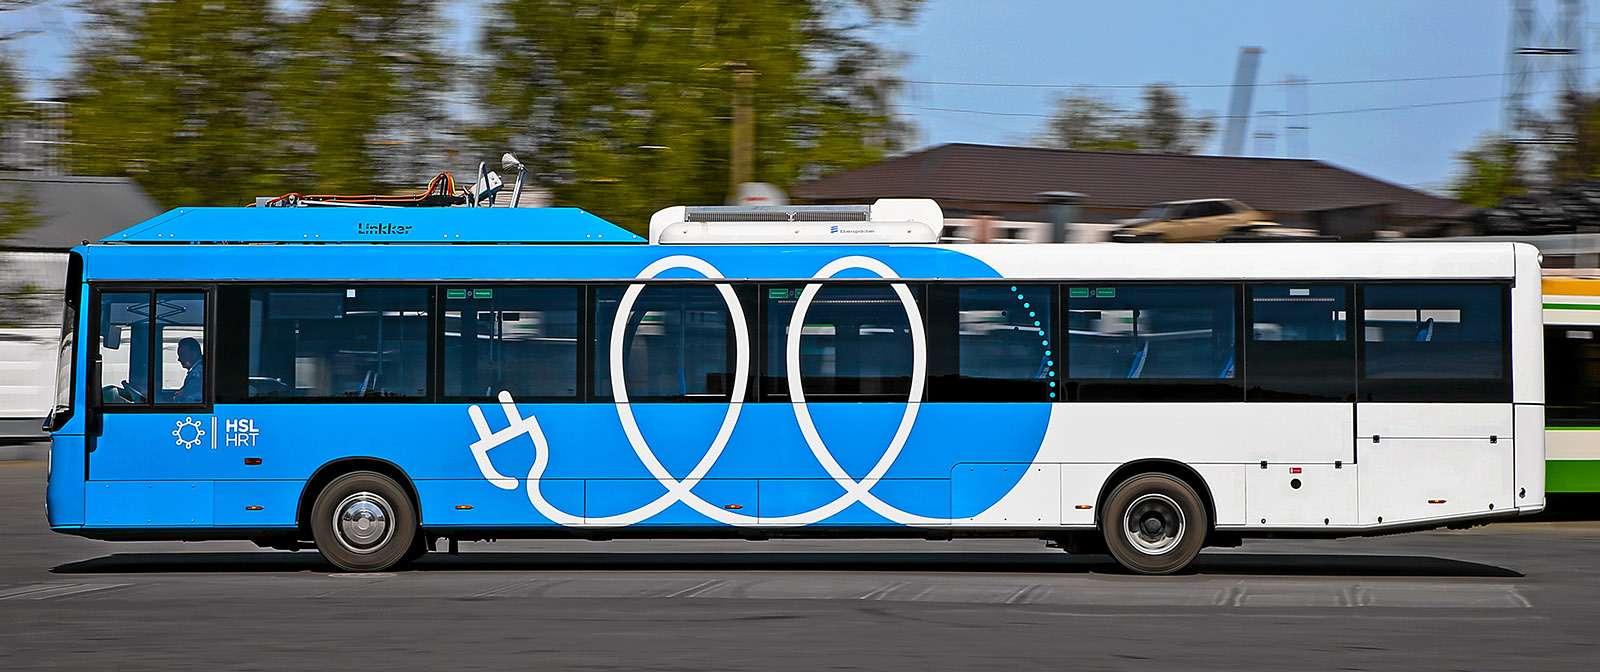 Москва хочет закупить электробусы— тестируем претендента изФинляндии— фото 765265